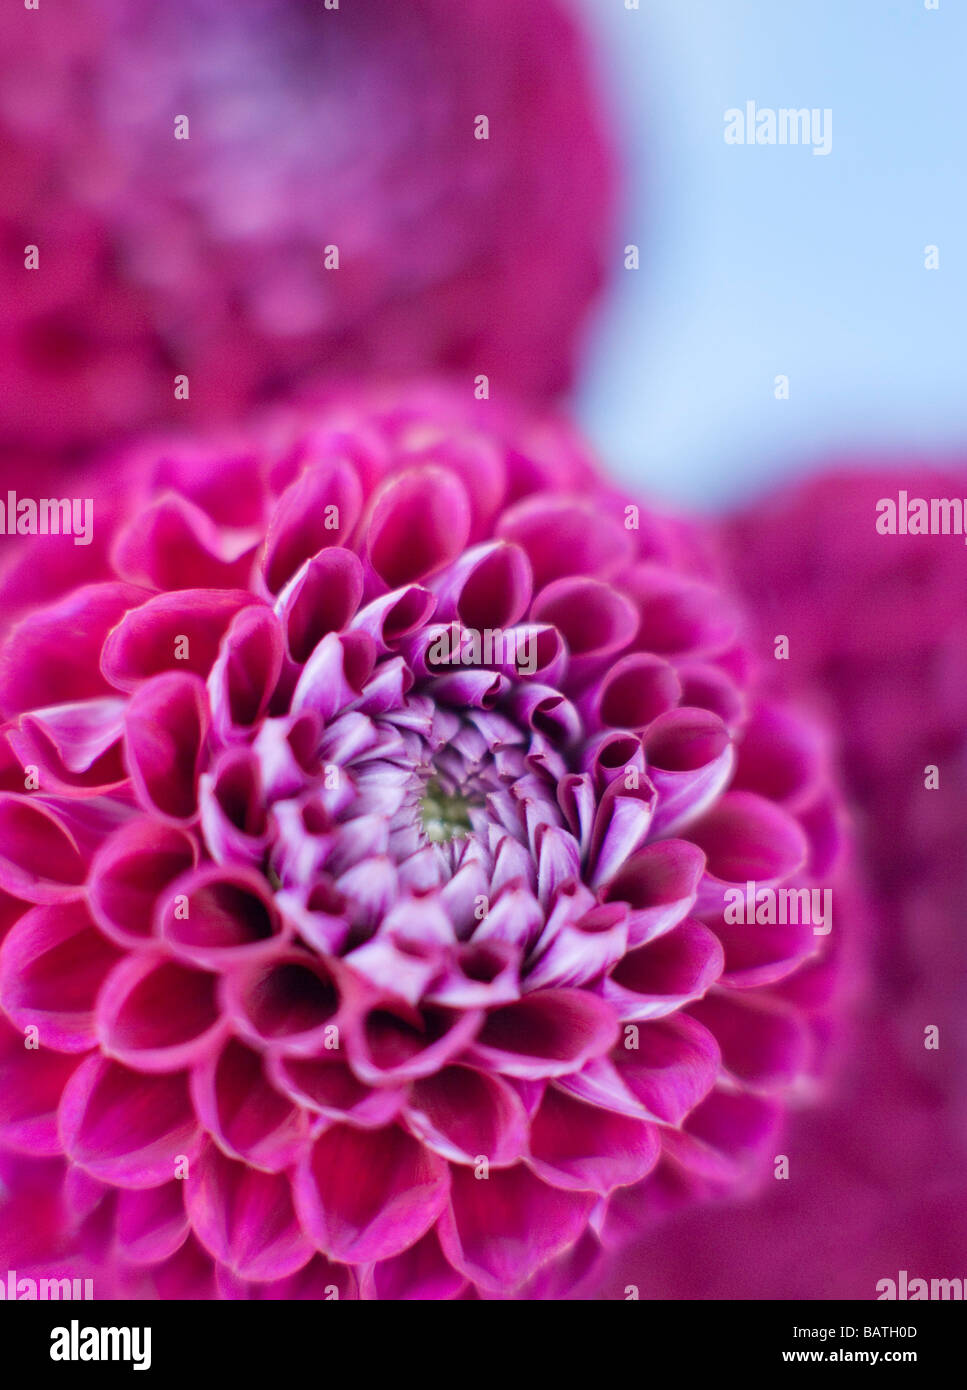 Dahlia flowers (Dahlia sp.). - Stock Image